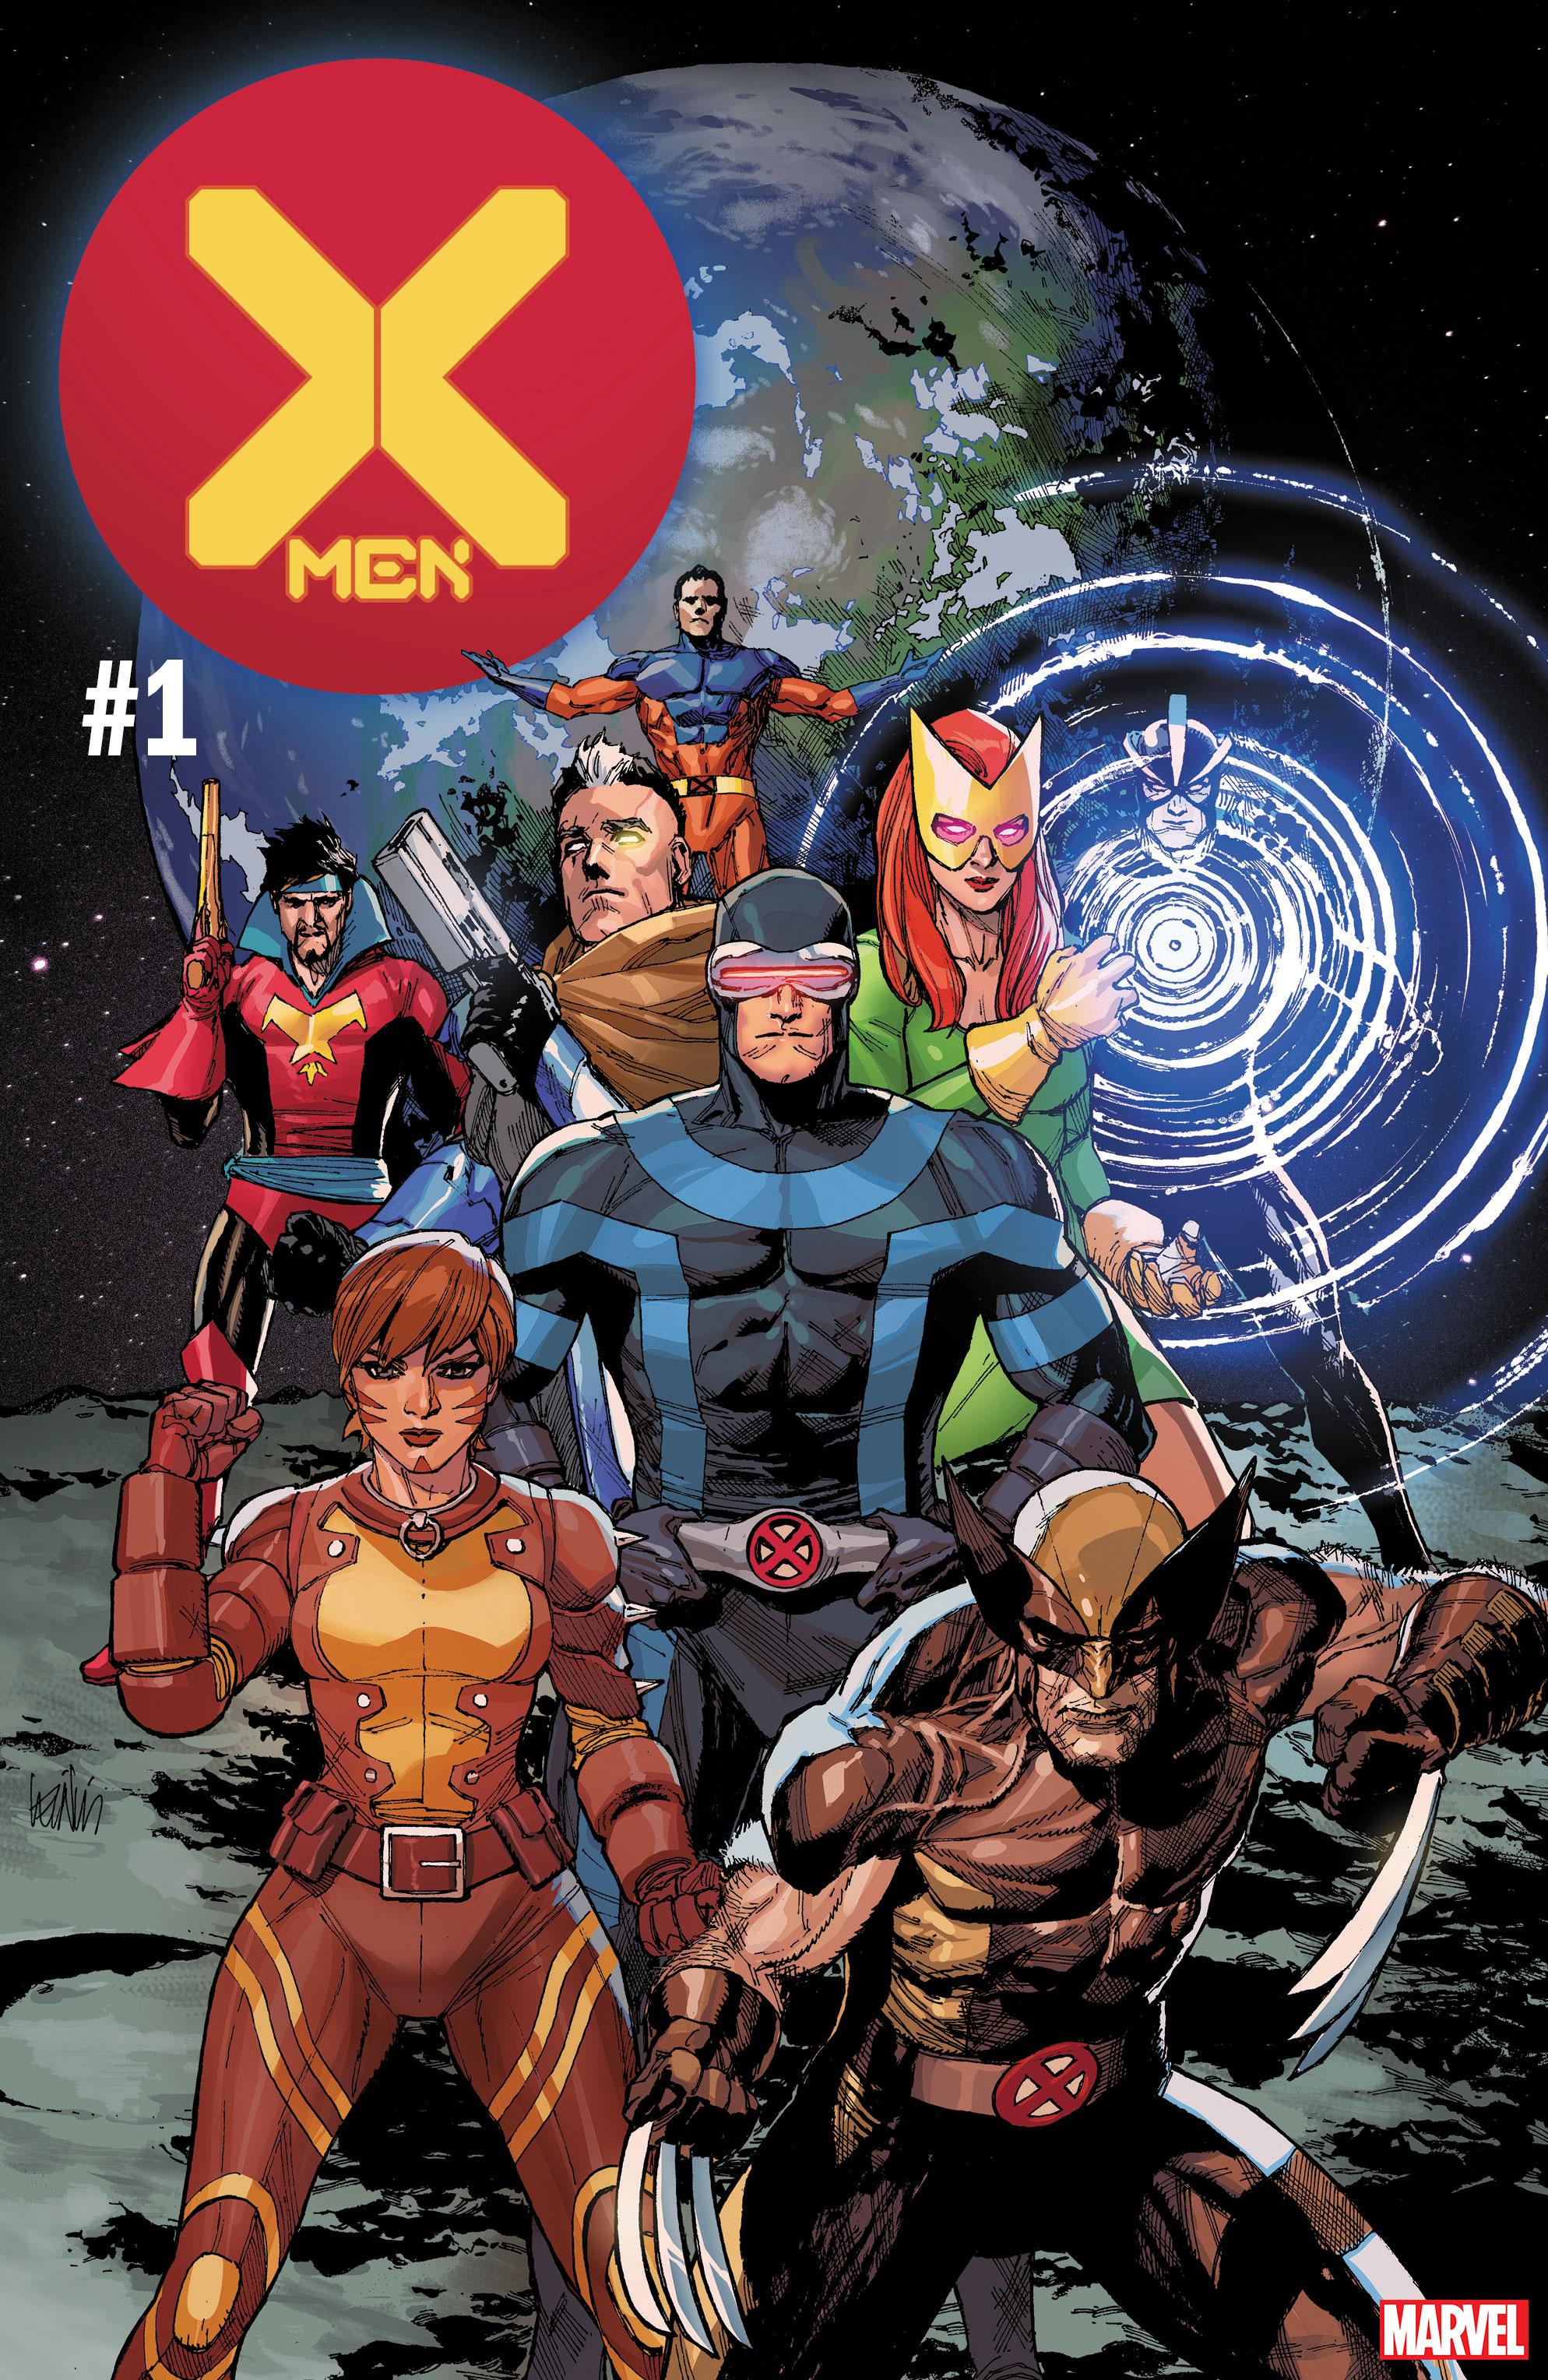 Dawn of X - X-Men #1